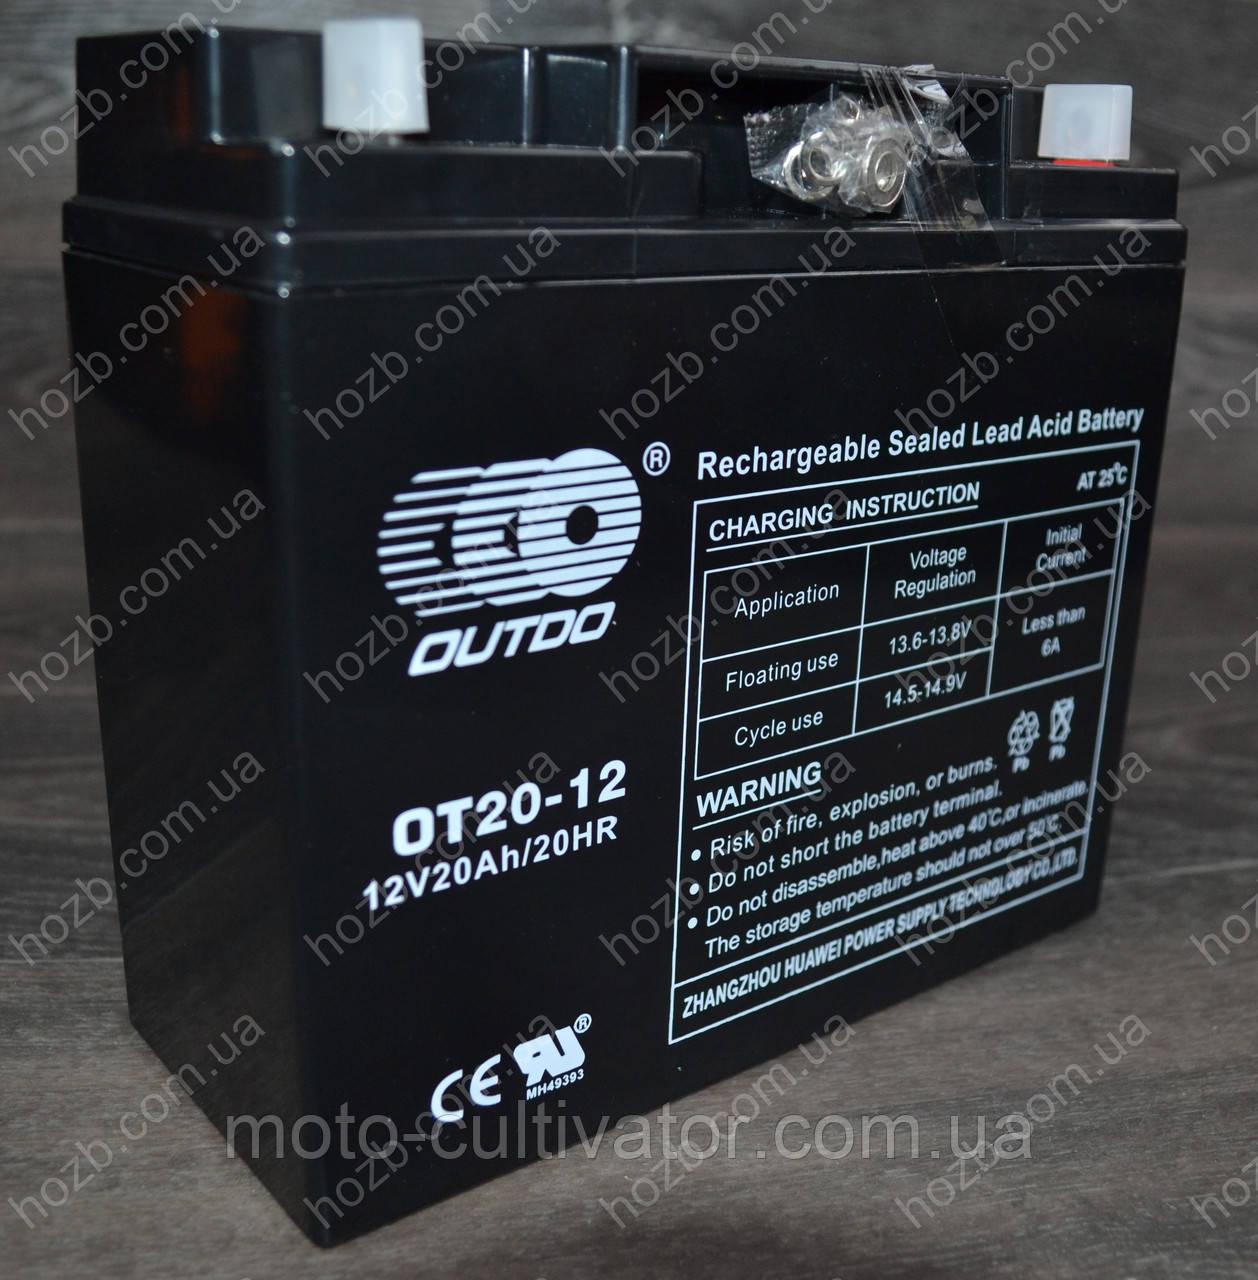 Аккумулятор 12V 20Аh гелиевый (180x75x160, черный, mod:(ОТ-20-12) OUTDO